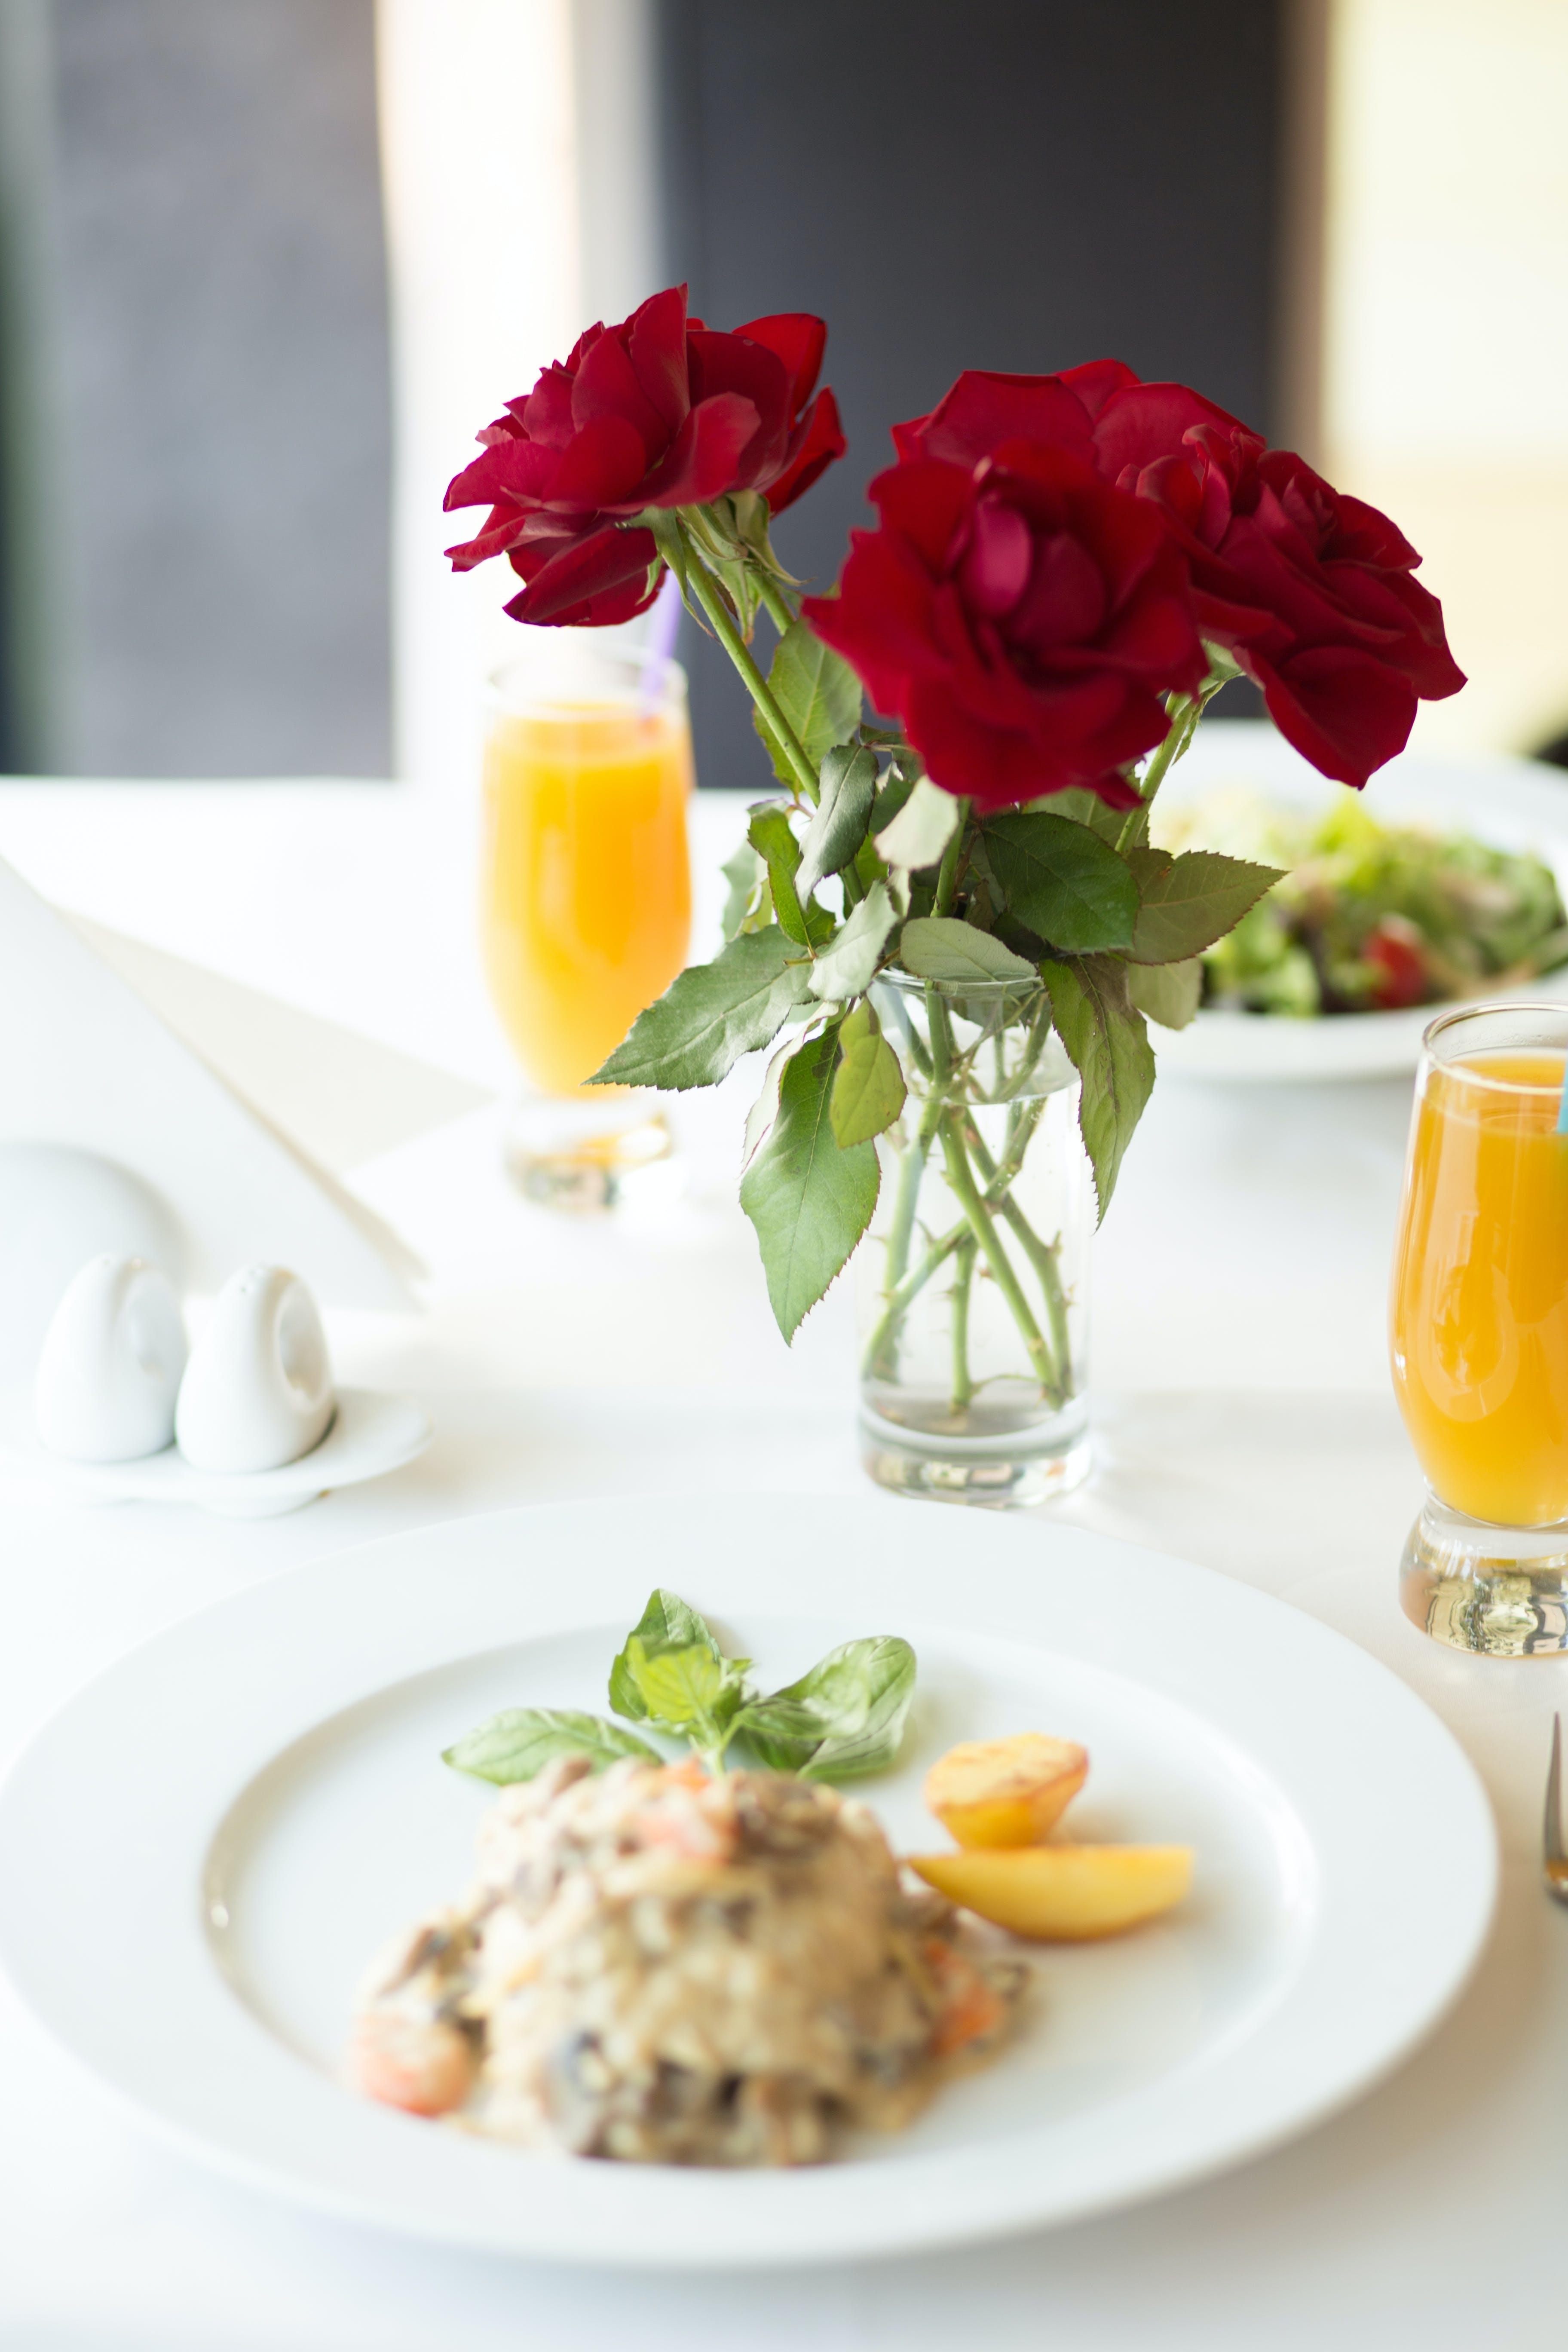 Kostnadsfri bild av apelsinjuice, blommor, dagsljus, drycker